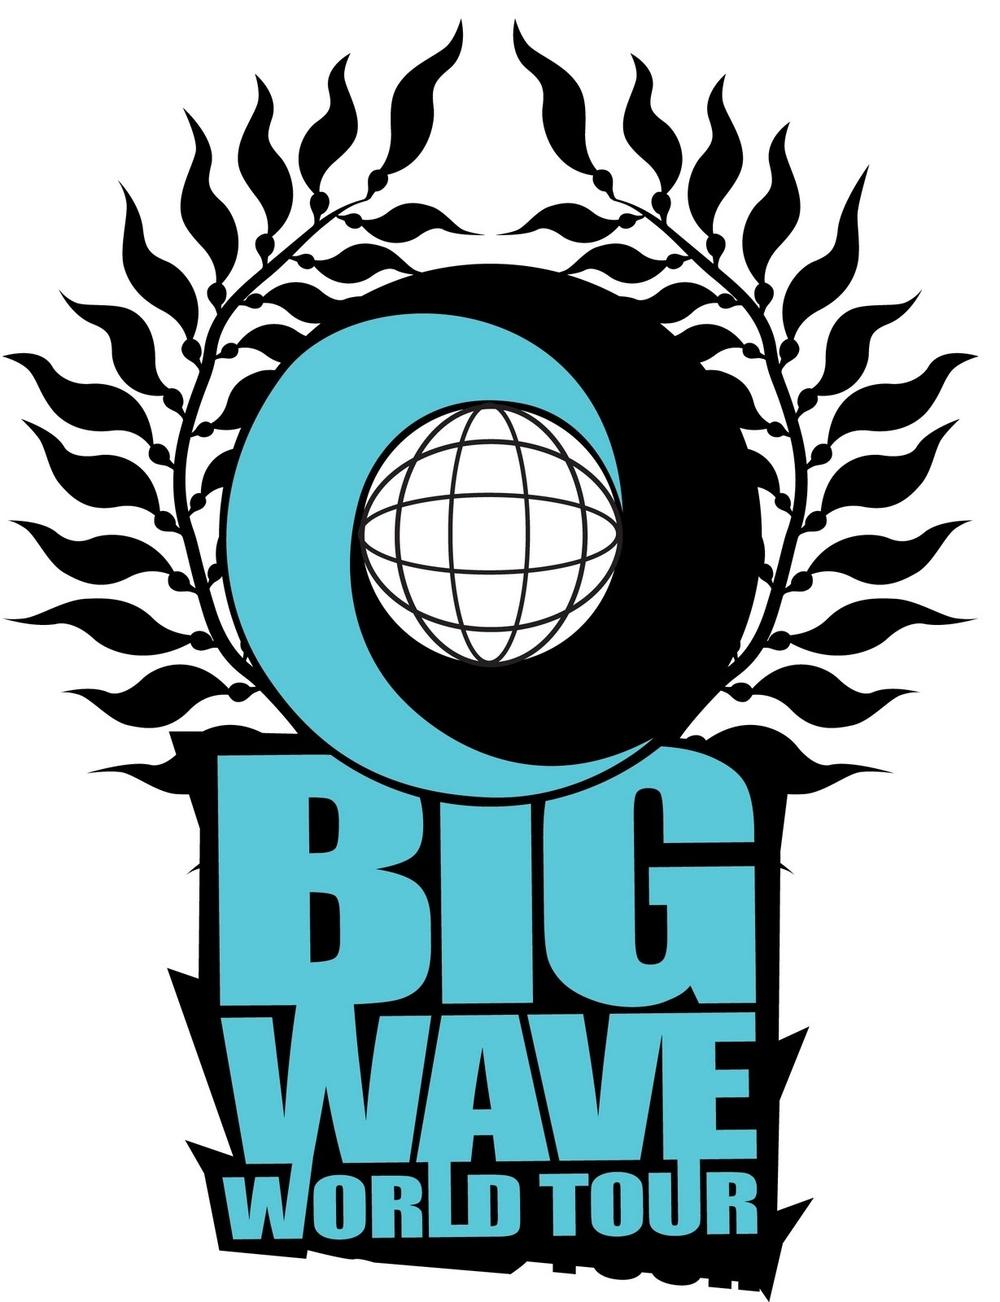 BWWT-logo.jpg